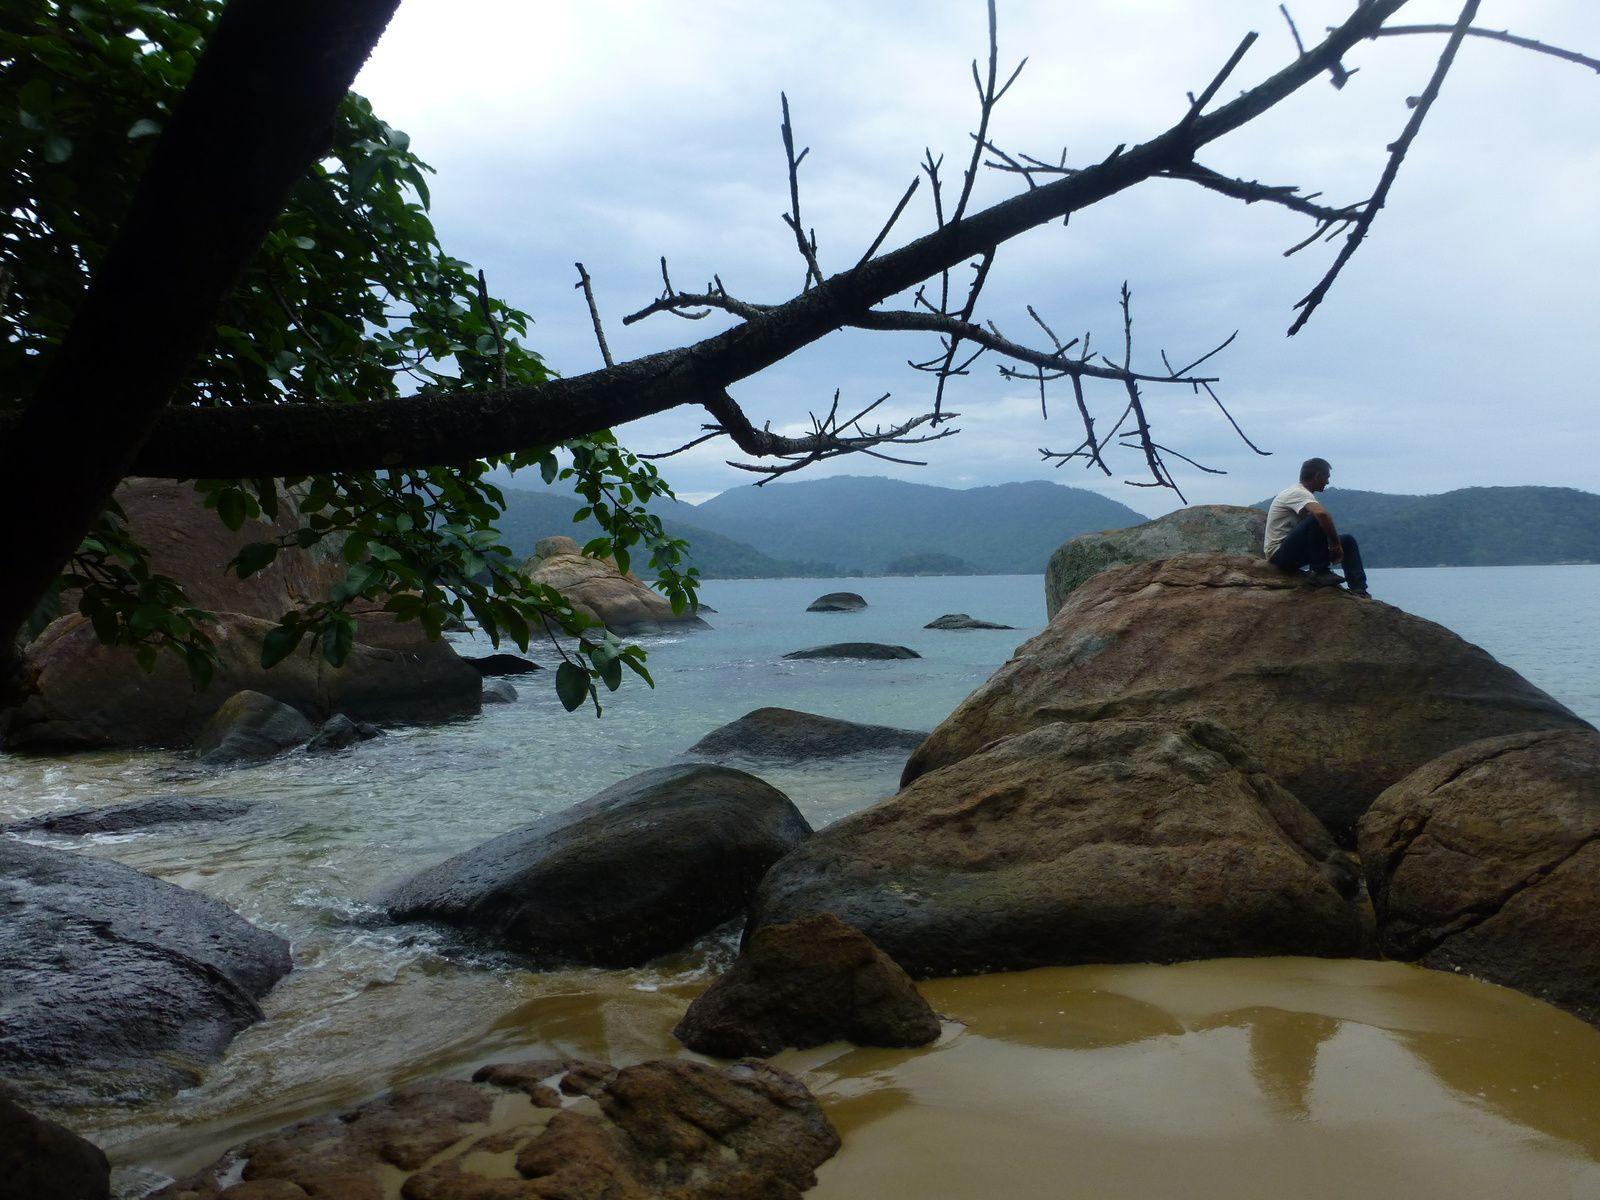 On aura bien mérité ce petit apéro Caïpirinha, accras... Ah oui, on ne va pas à Ilha Grande pour faire bronzette sur la plage c'est sûr, on y va pour se perdre dans cette majestueuse forêt tropicale parce que là, vraiment, c'est un total dépaysement...